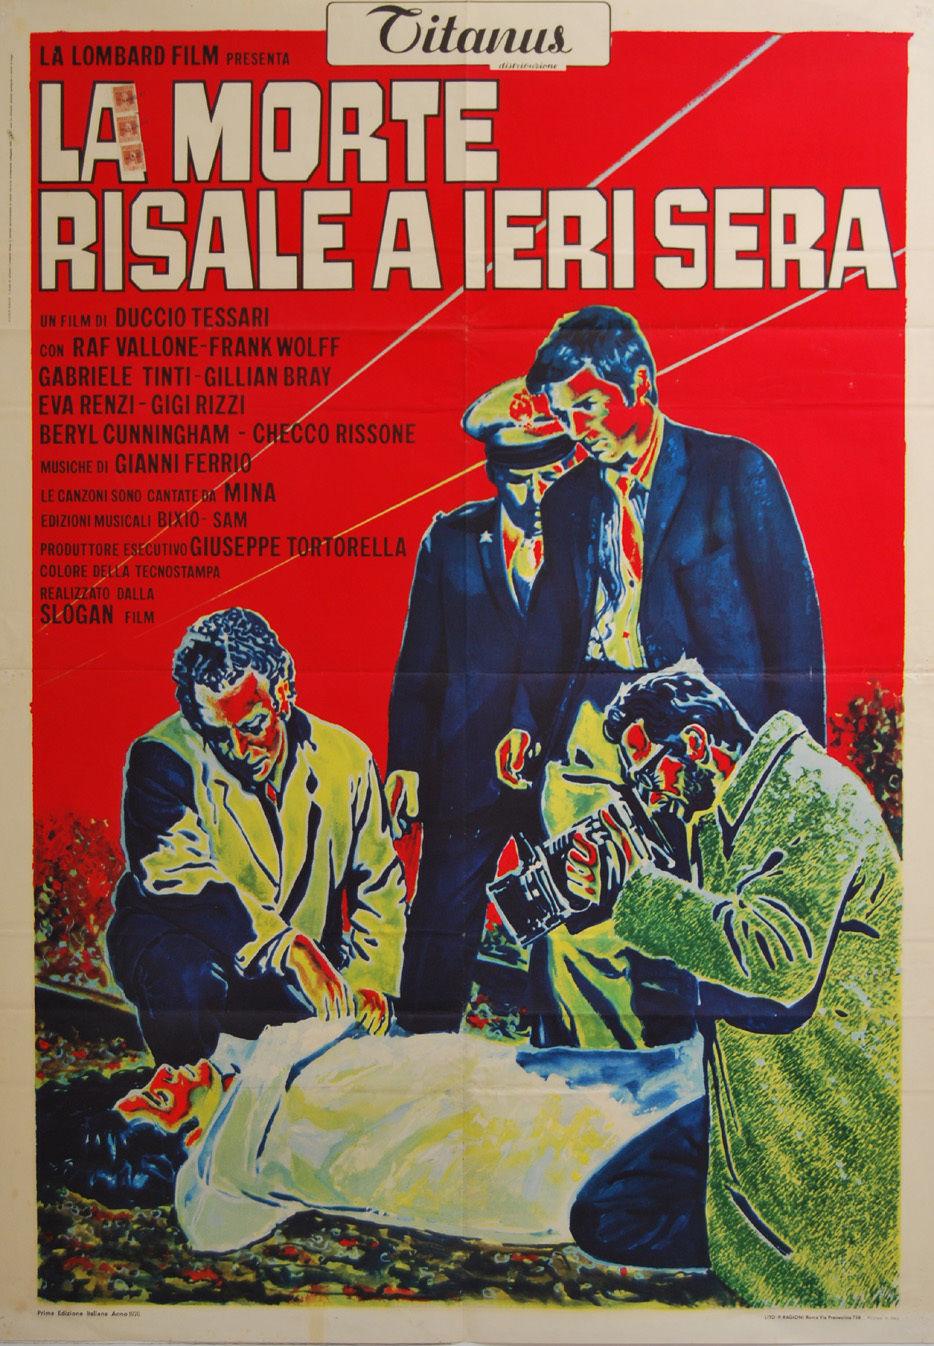 La morte risale a ieri sera (1970) - IMDb